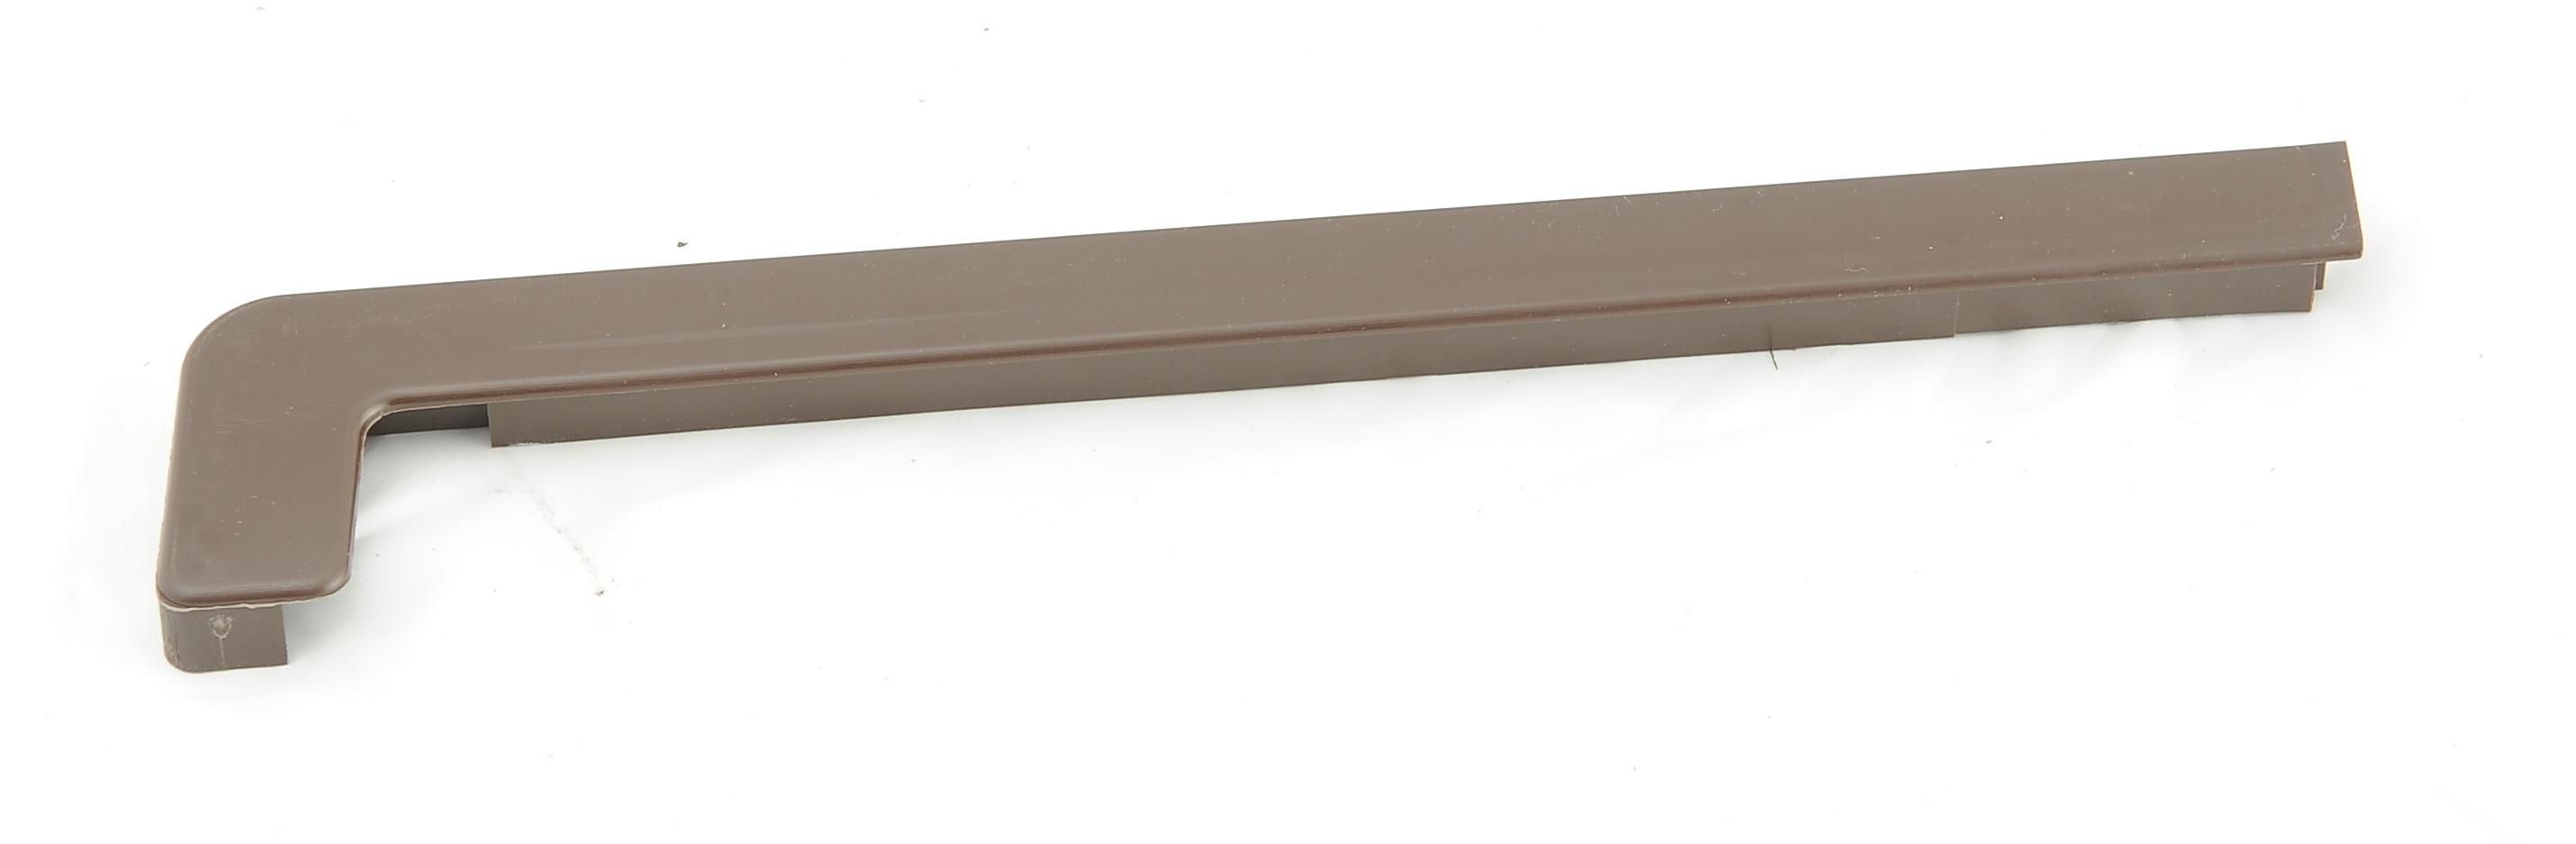 Plastová krytka k hliníkovým ohýbaným parapetům 195 až 240 mm